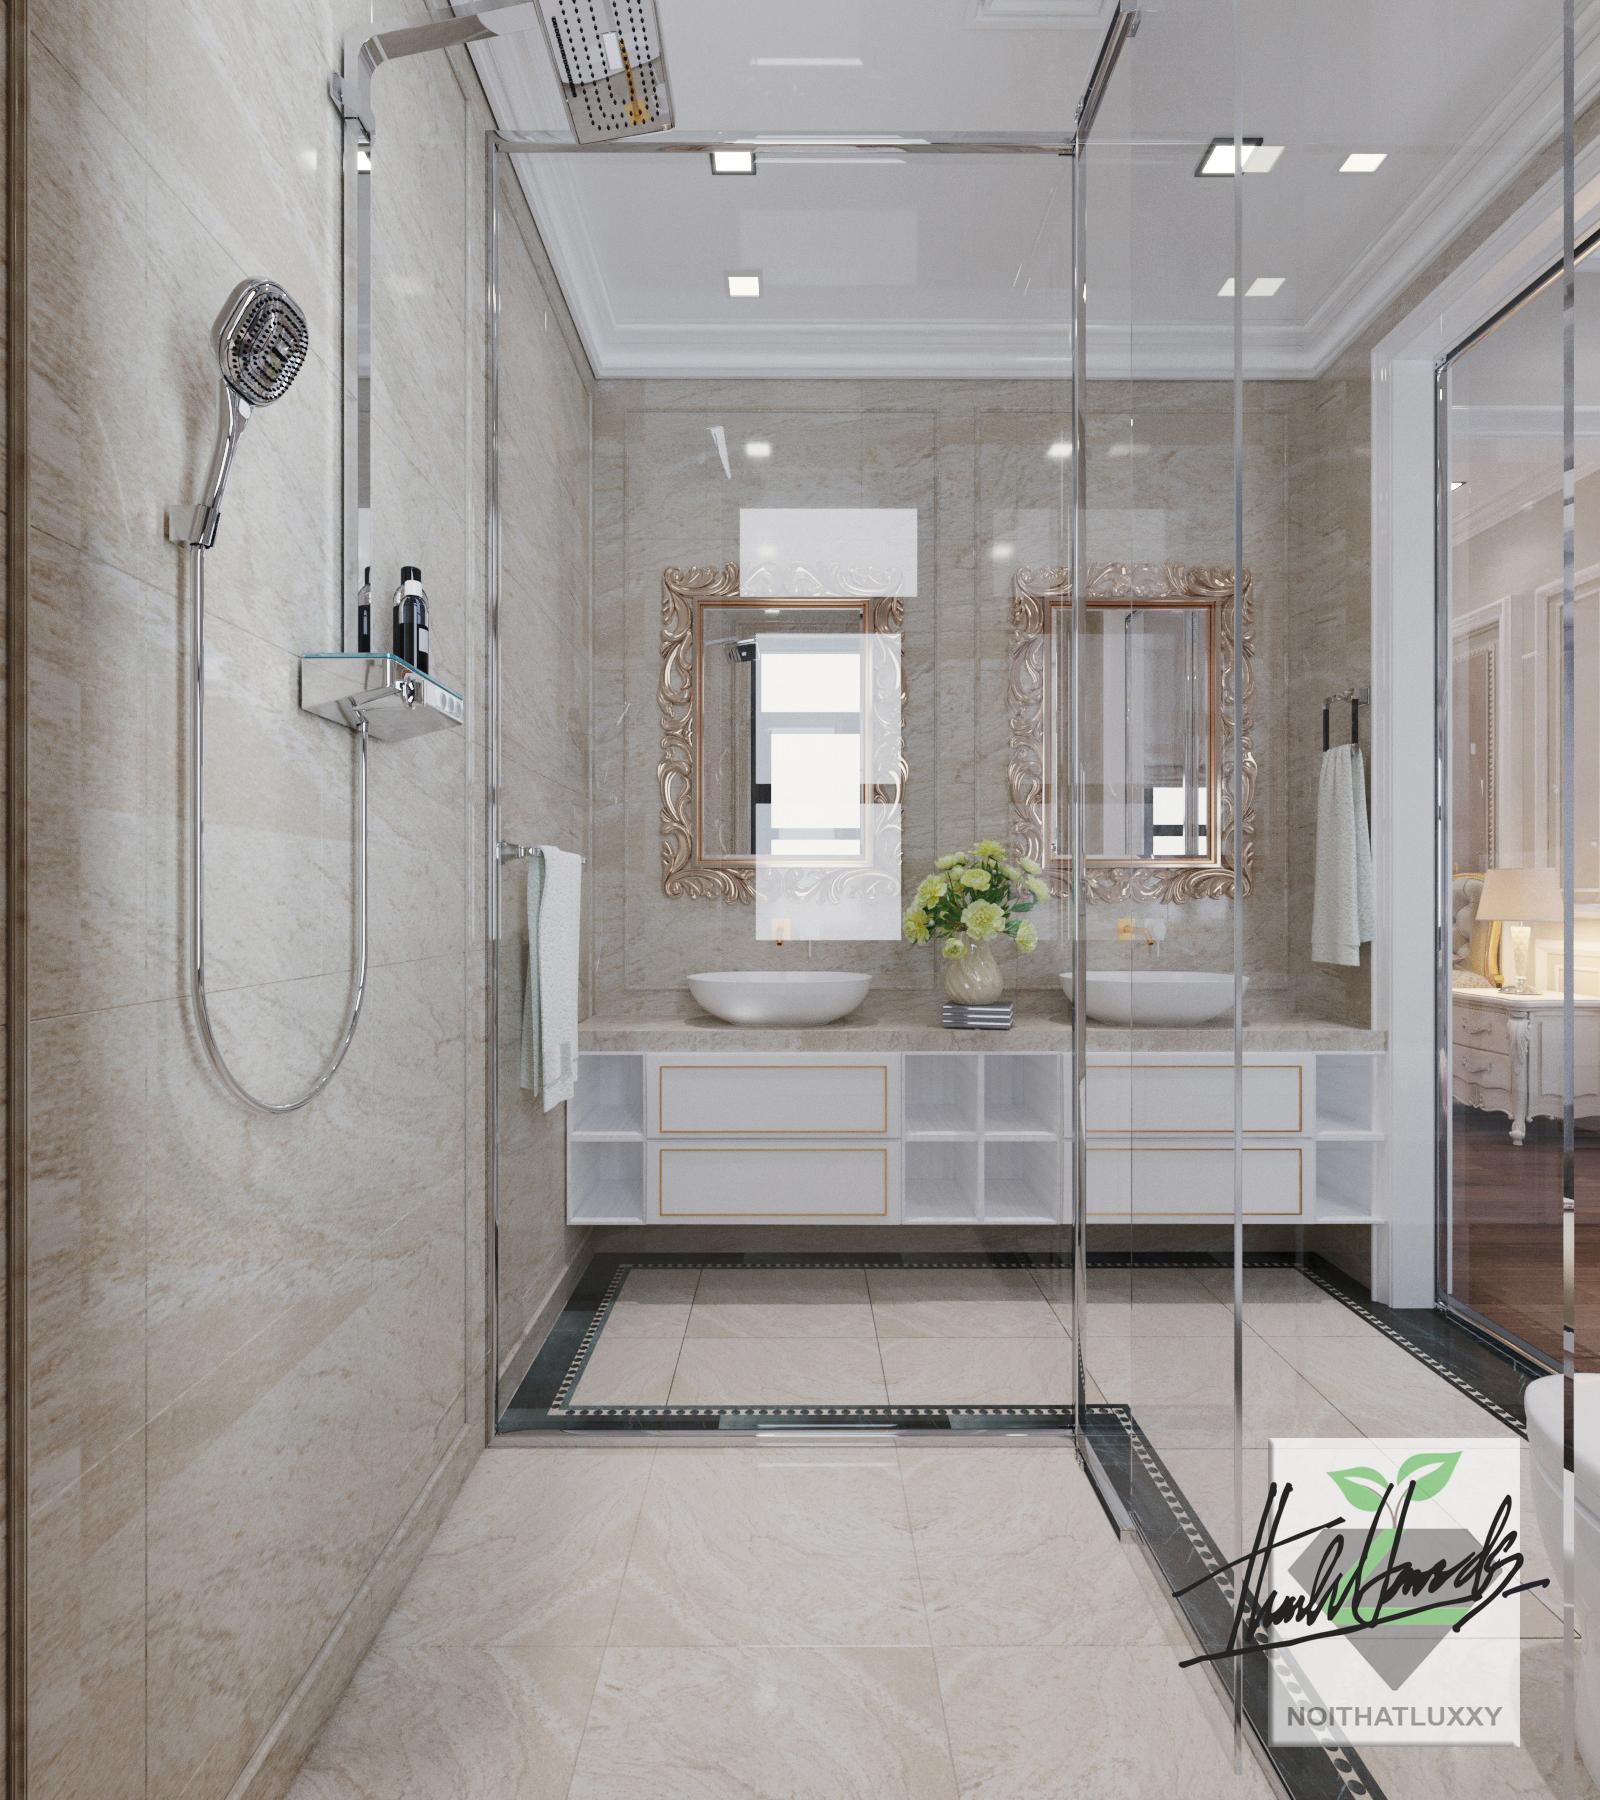 thiết kế nội thất Biệt Thự tại Hải Phòng Biệt thự Vinhomes - imperia ( khu MHT) 37 1568275646